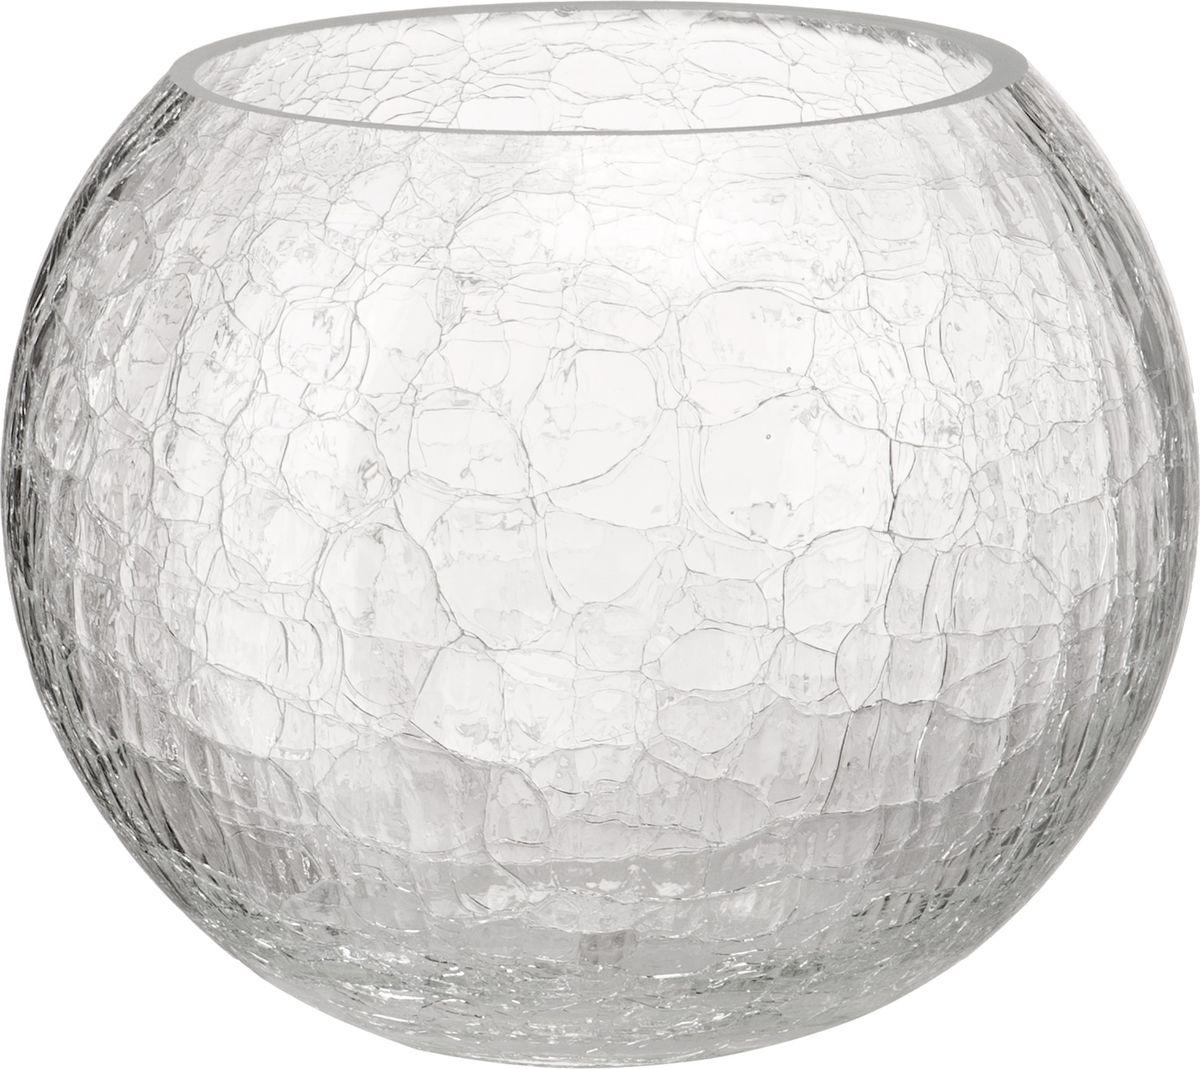 Ваза Engard Шар, 16 смHF-06-2В современном мире ваза является неотъемлемым предметом украшения и декора интерьера создавая уют и гармонию в пространстве. Стеклянная ваза в форме шара высотой 16 см, выполненная в уникальной технике кракле.